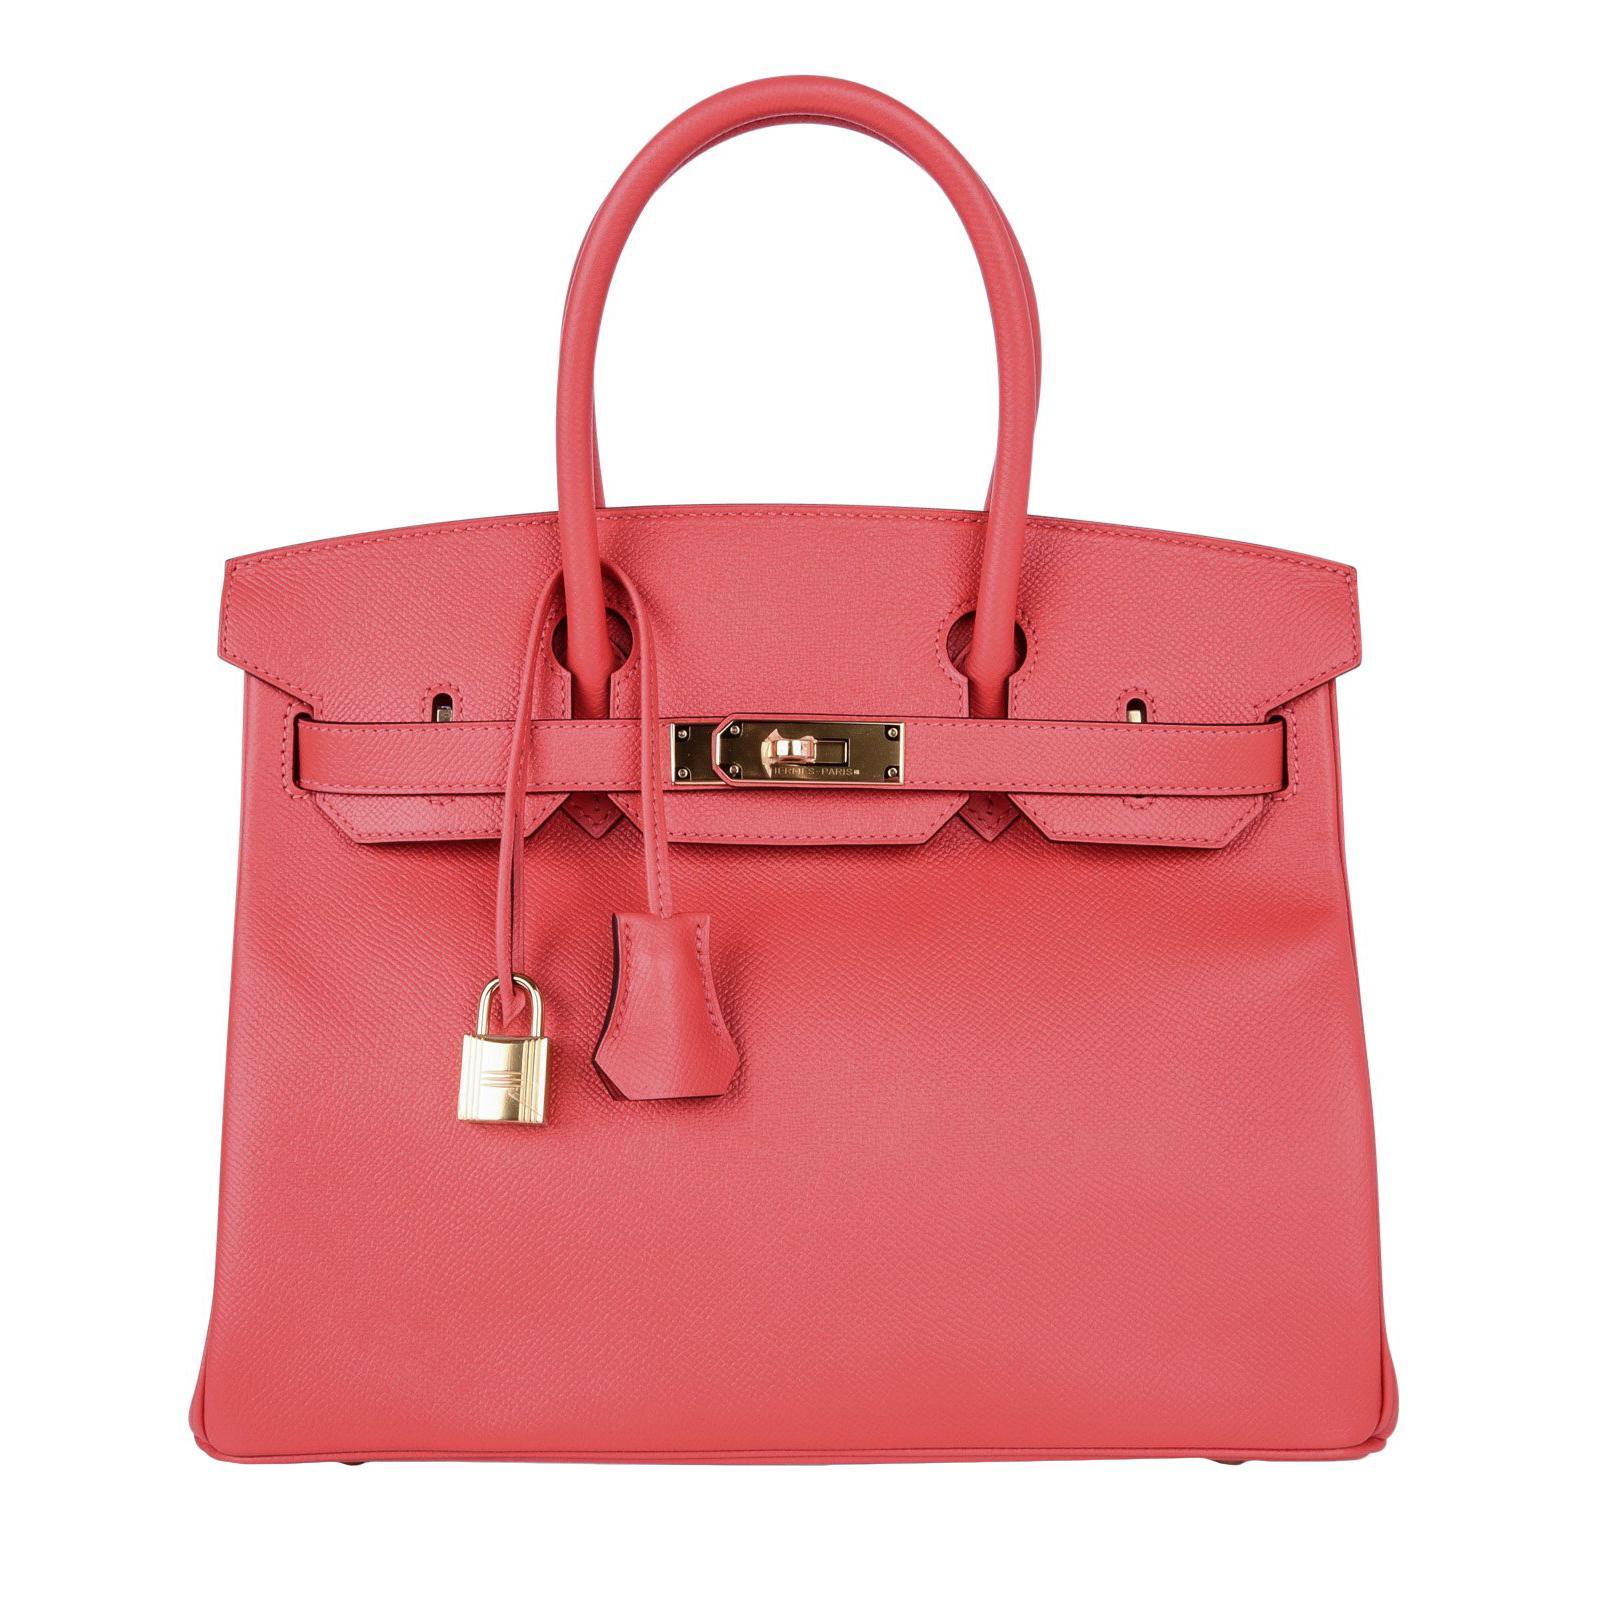 Hermes Birkin 30 Bag Exquisite Rose Jaipur Pink Epsom Gold Hardware